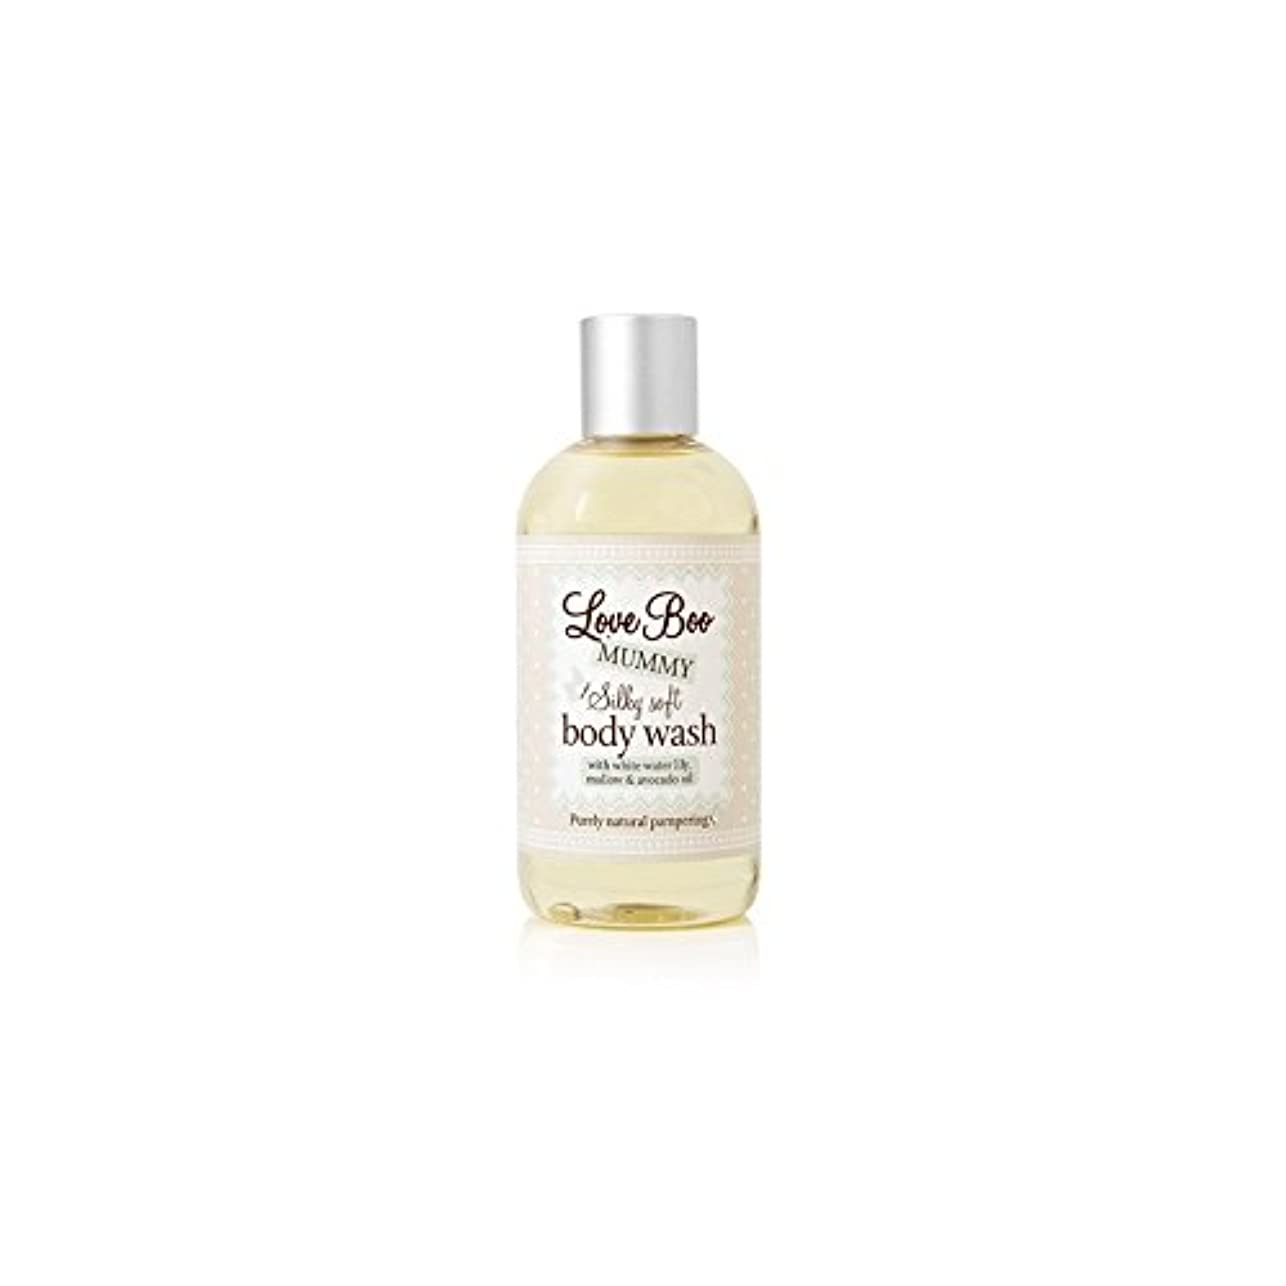 ストラトフォードオンエイボン不正直強打Love Boo Silky Soft Body Wash (250ml) - 絹のようなソフトボディウォッシュ(250ミリリットル)愛 [並行輸入品]